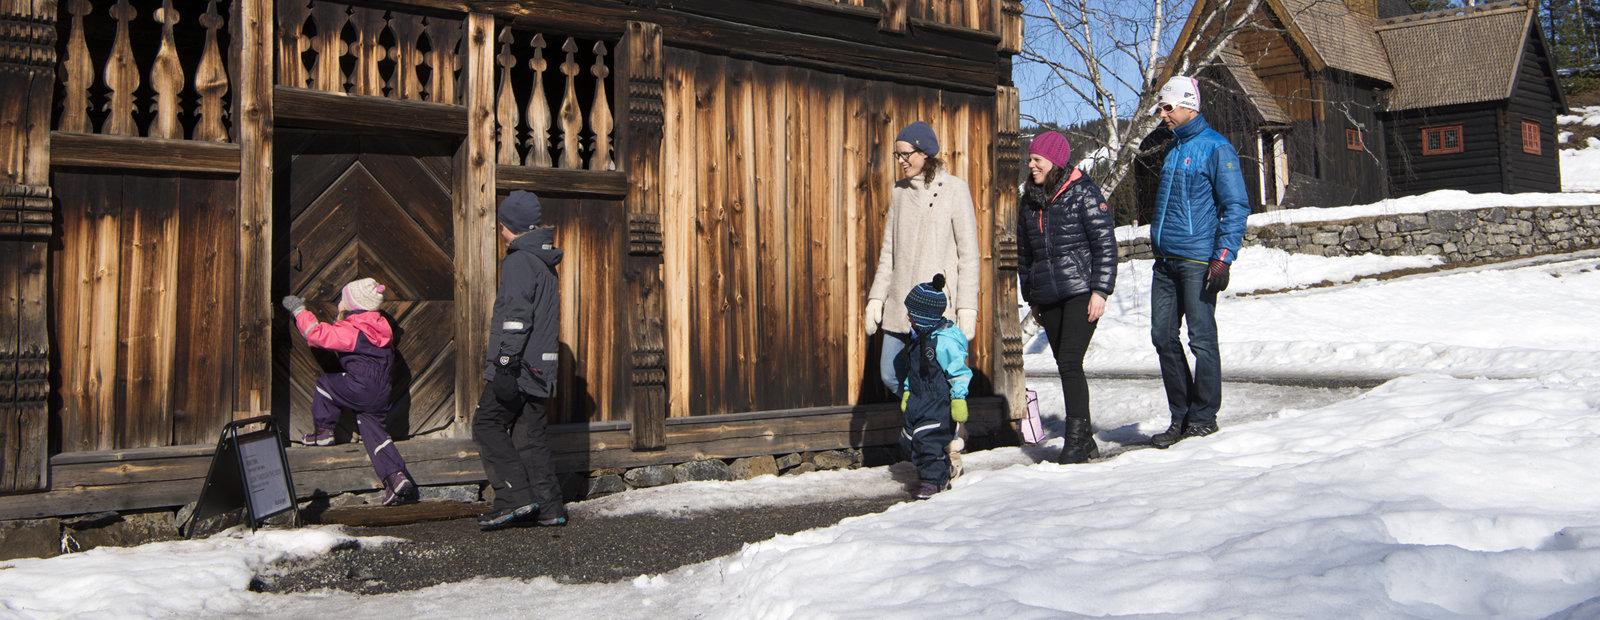 Voksne og barn på vei inn i gammel tømmerbygning med Garmo stavkirke i bakgrunnen. På friluftsmuseet Maihaugen i Lillehammer.